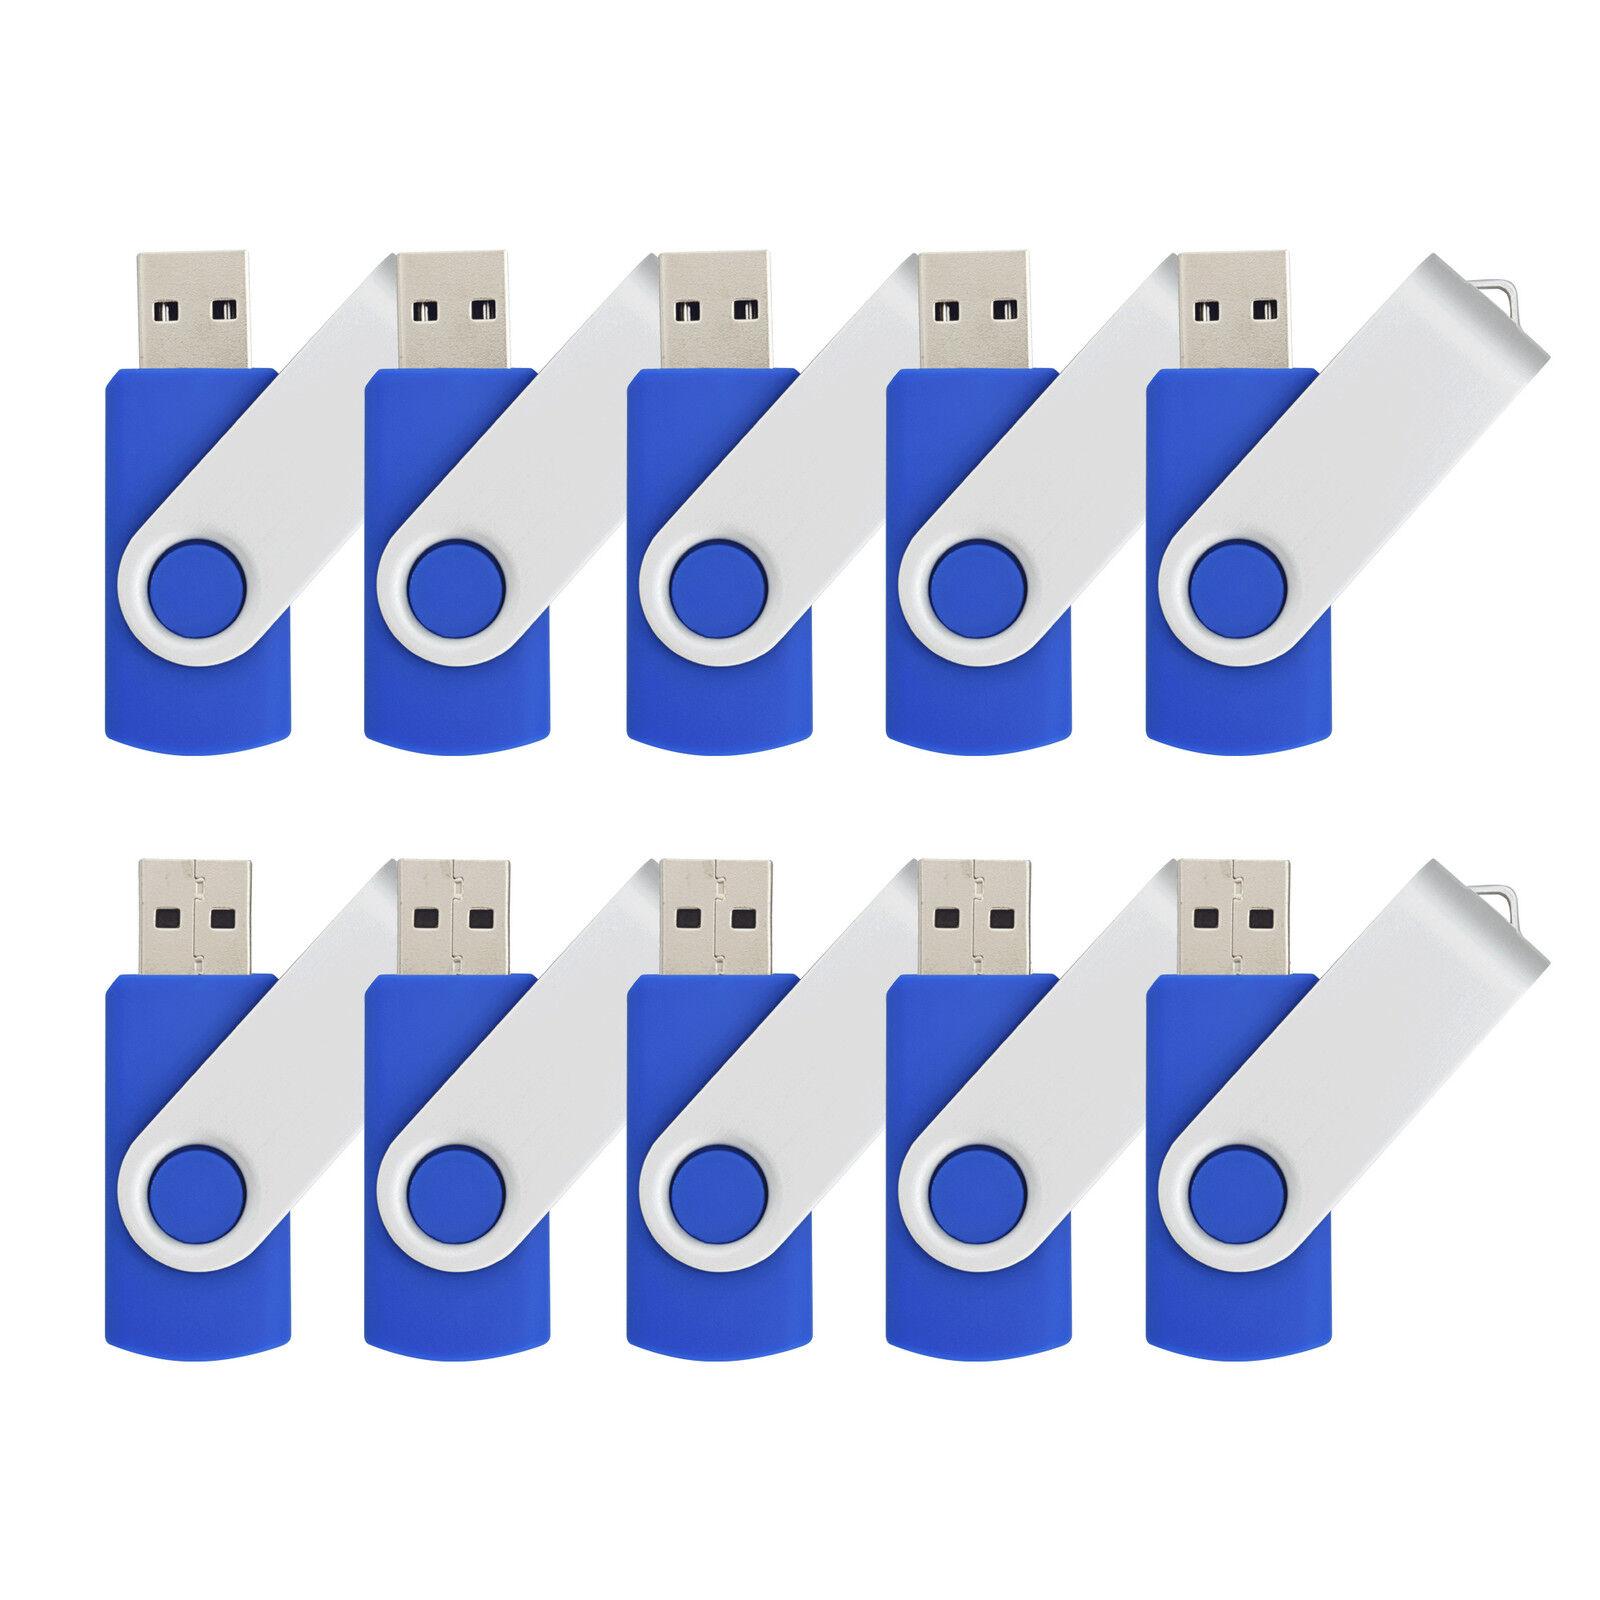 5PCS Rotating 2GB USB 2.0 Flash Drive Folding Enough Memory Stick Thumb Pen